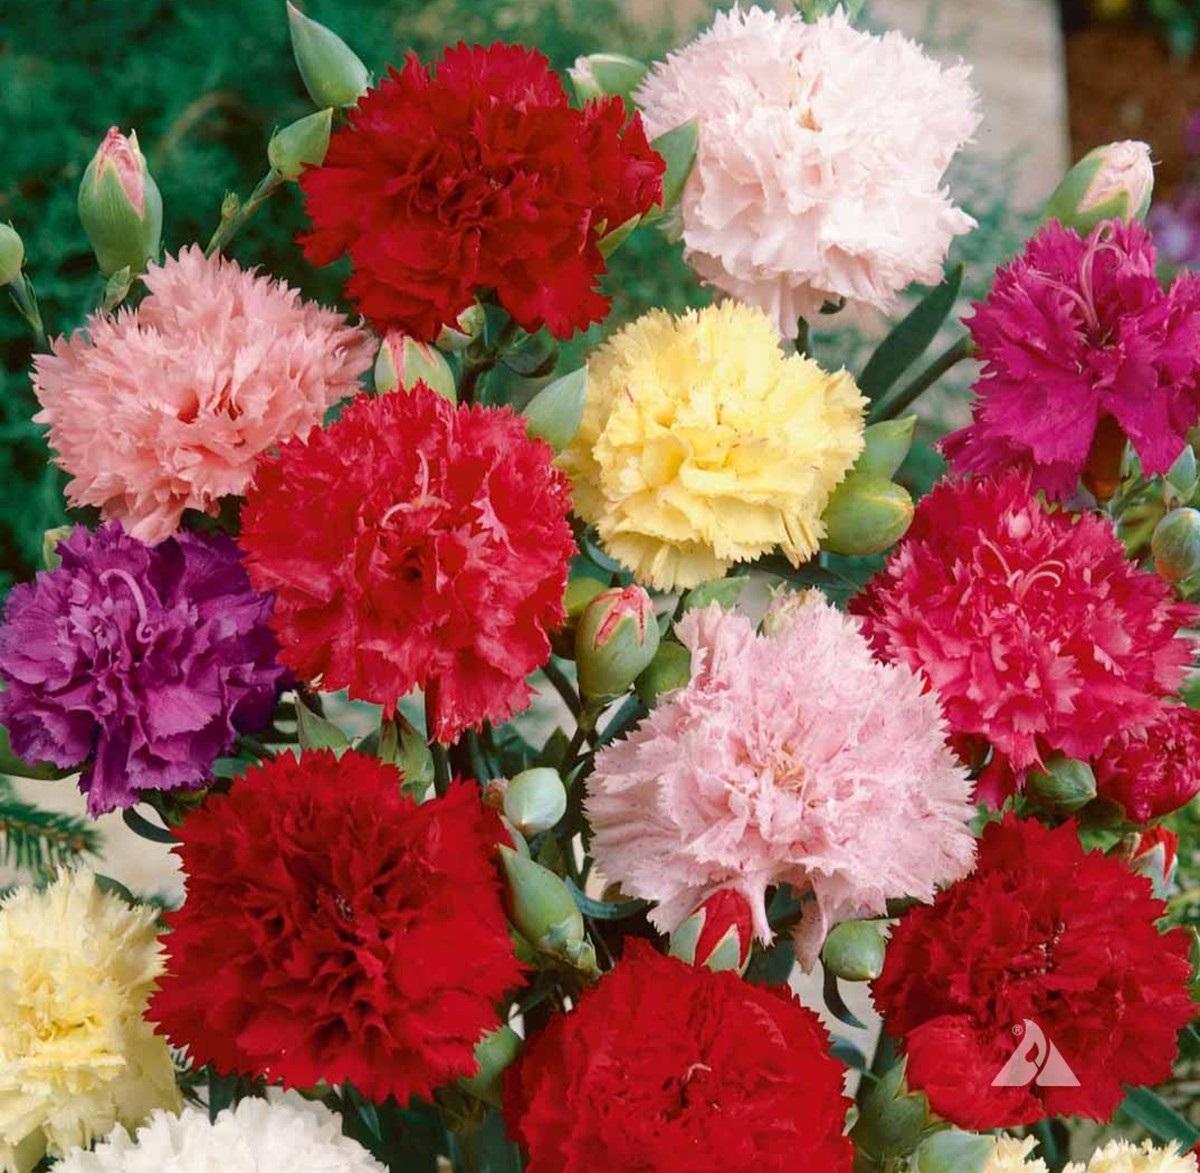 Ý nghĩa loài hoa cẩm chướng tặng những người thân yêu bên cạnh bạn